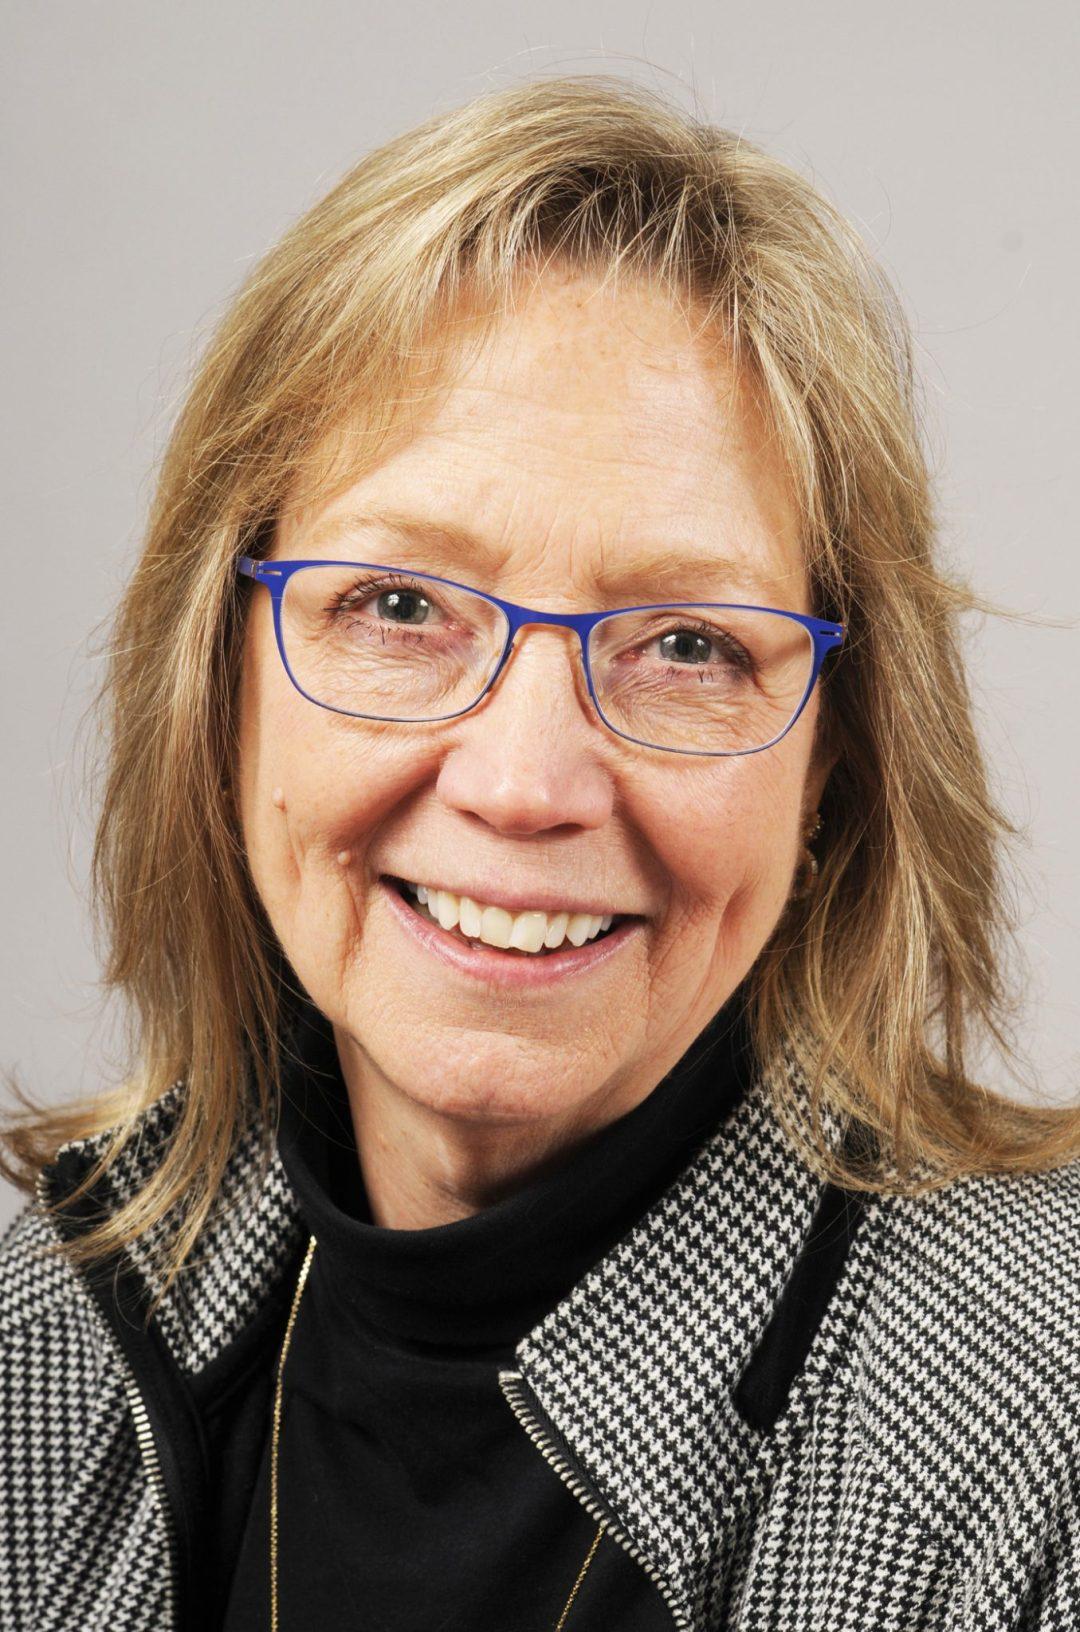 Joanie Fitzwater